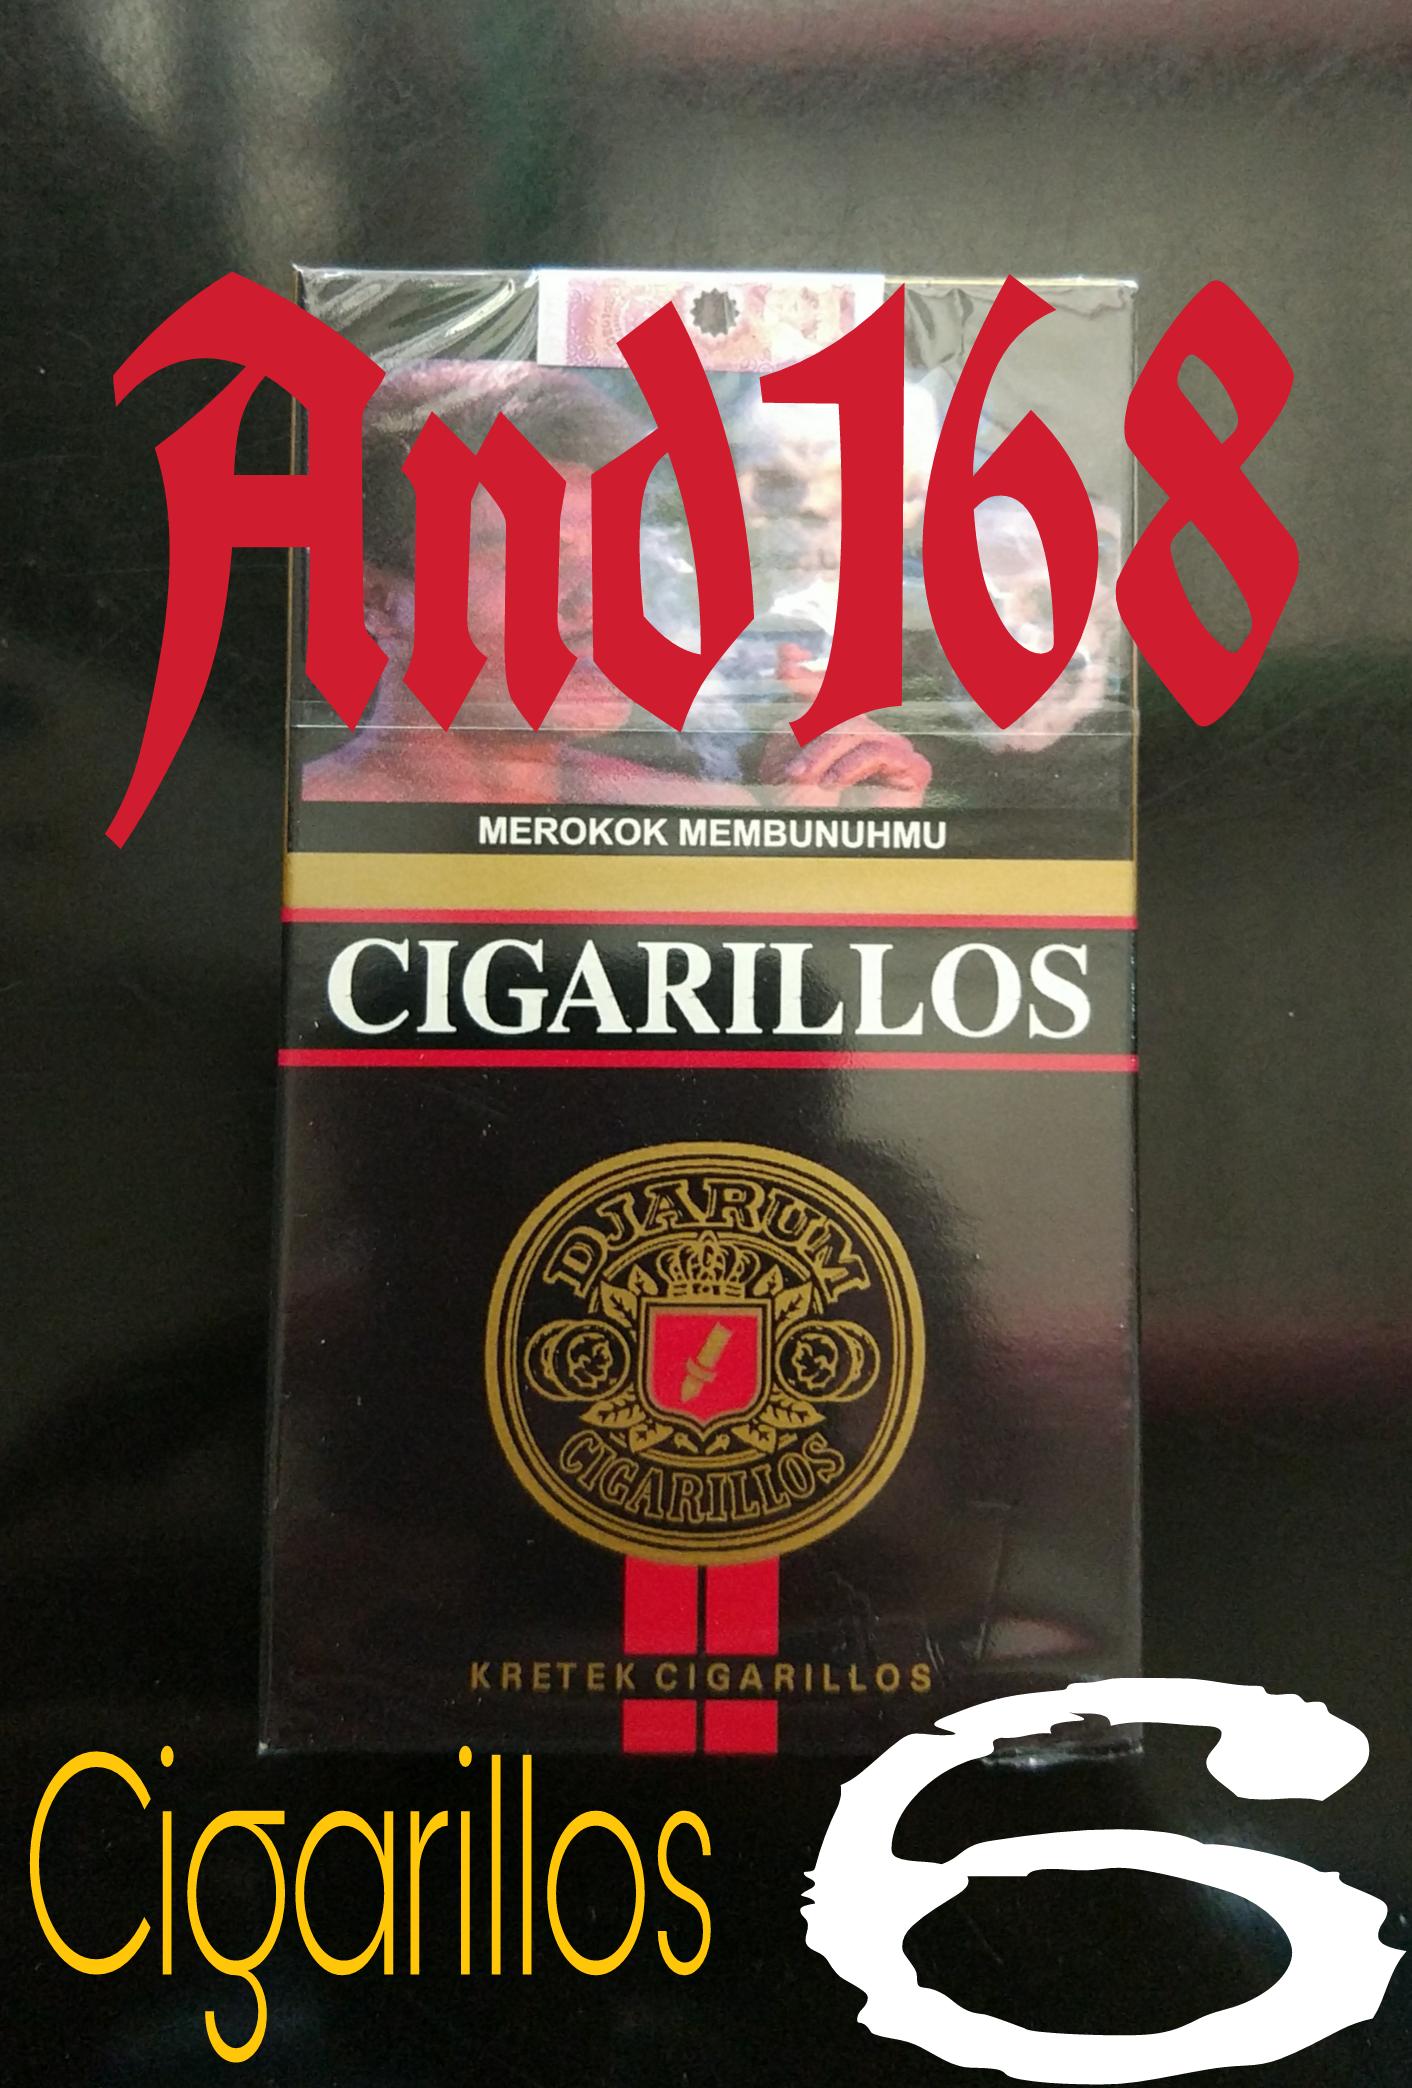 Jual Cerutu Djarum Cigarillos 6 Rokok Jarum Cigarilos And168 Paket Dan Accesoris Tokopedia